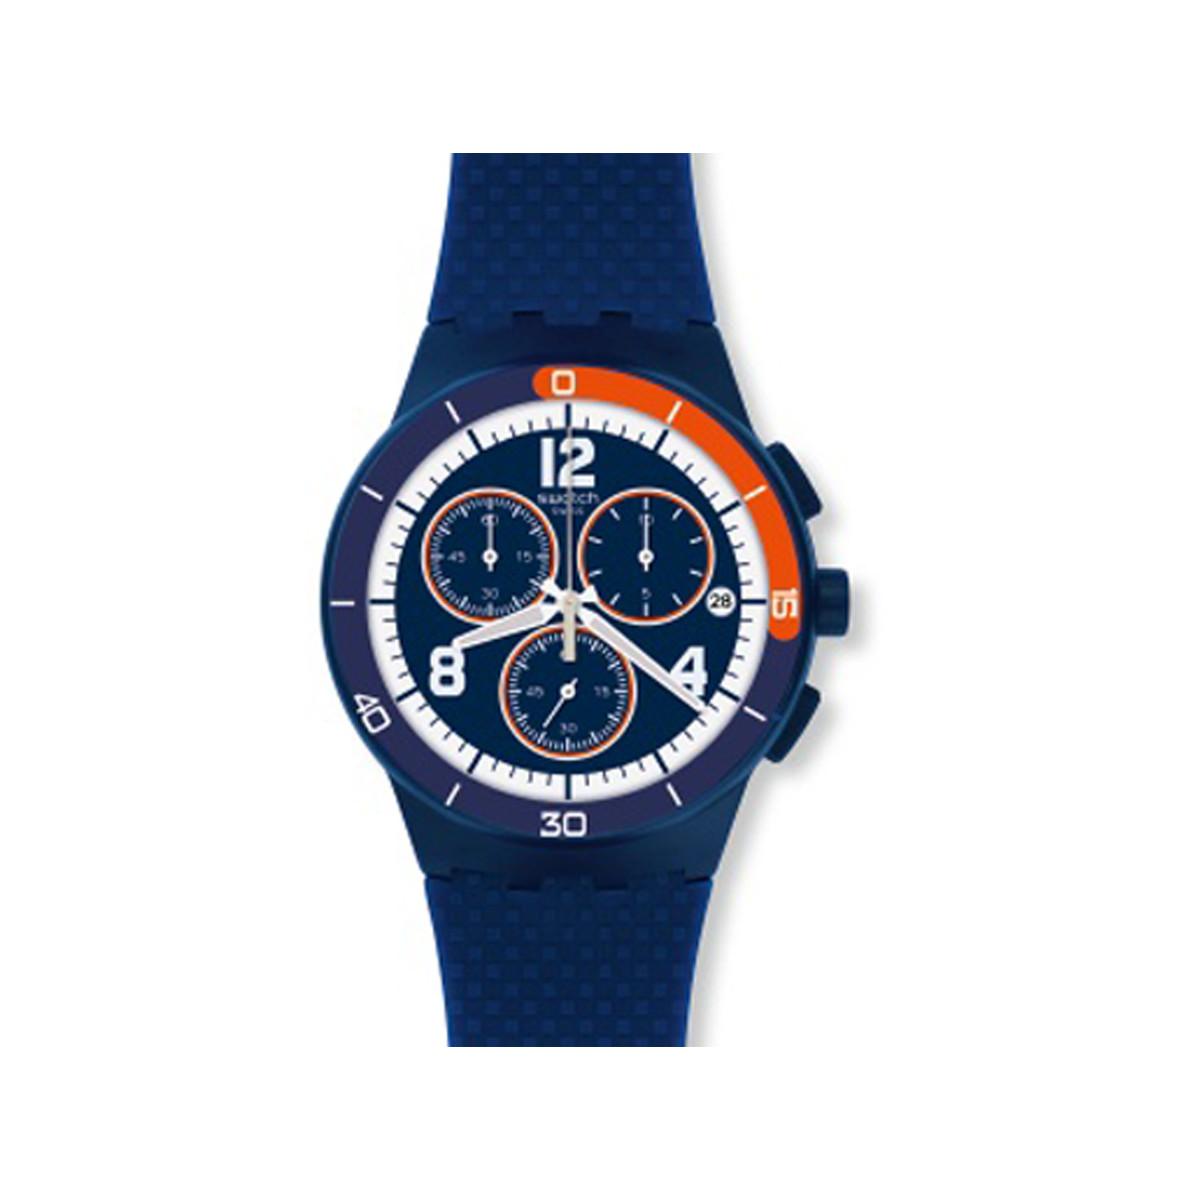 833fac0794abb Montre Swatch mixte chronographe plastique - Femme, homme - modèle ...